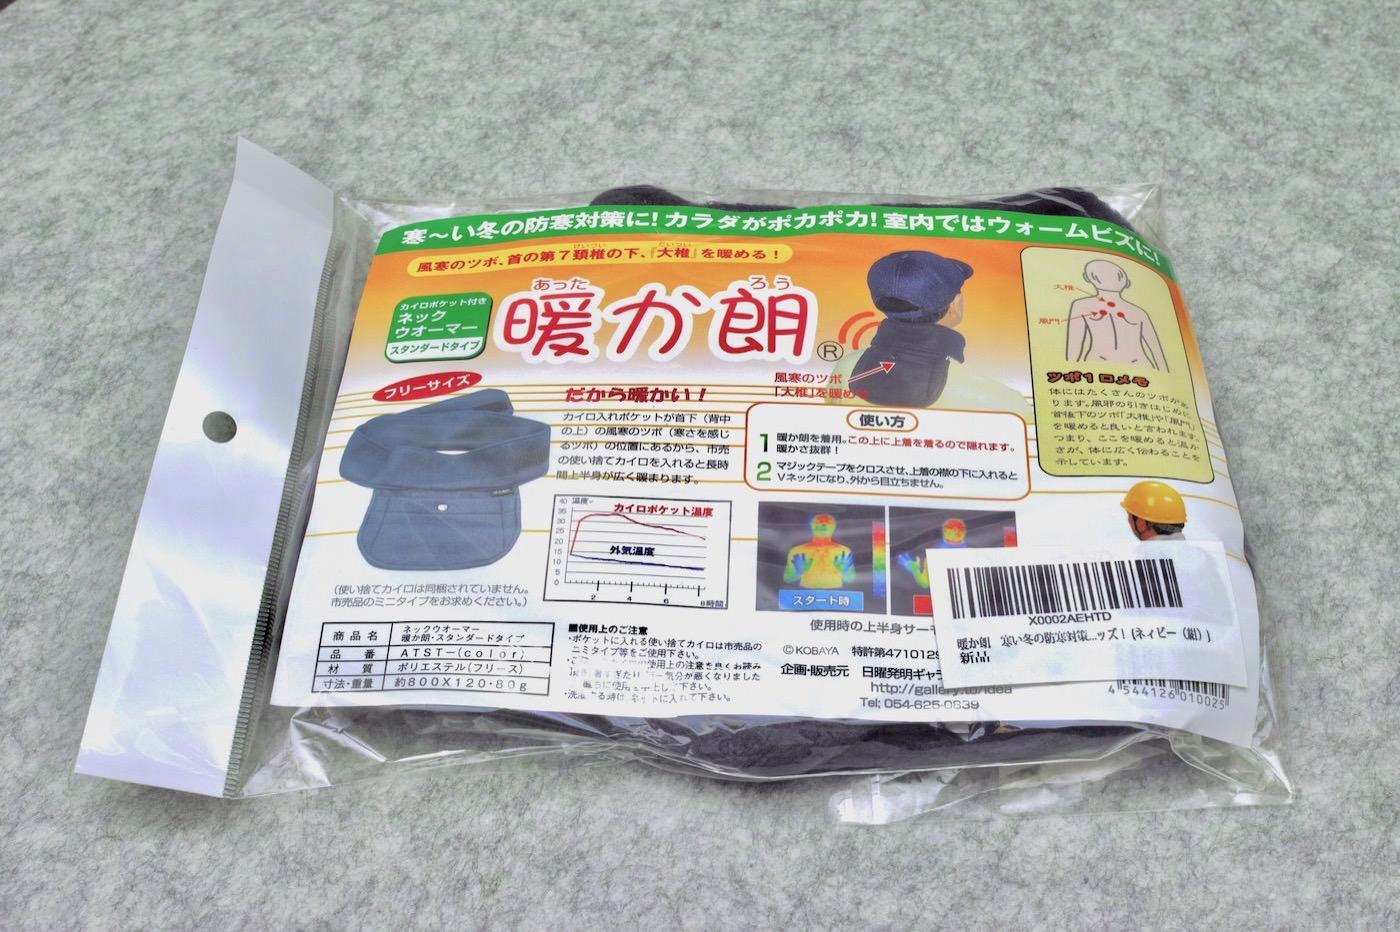 Atatakarou 2 00003